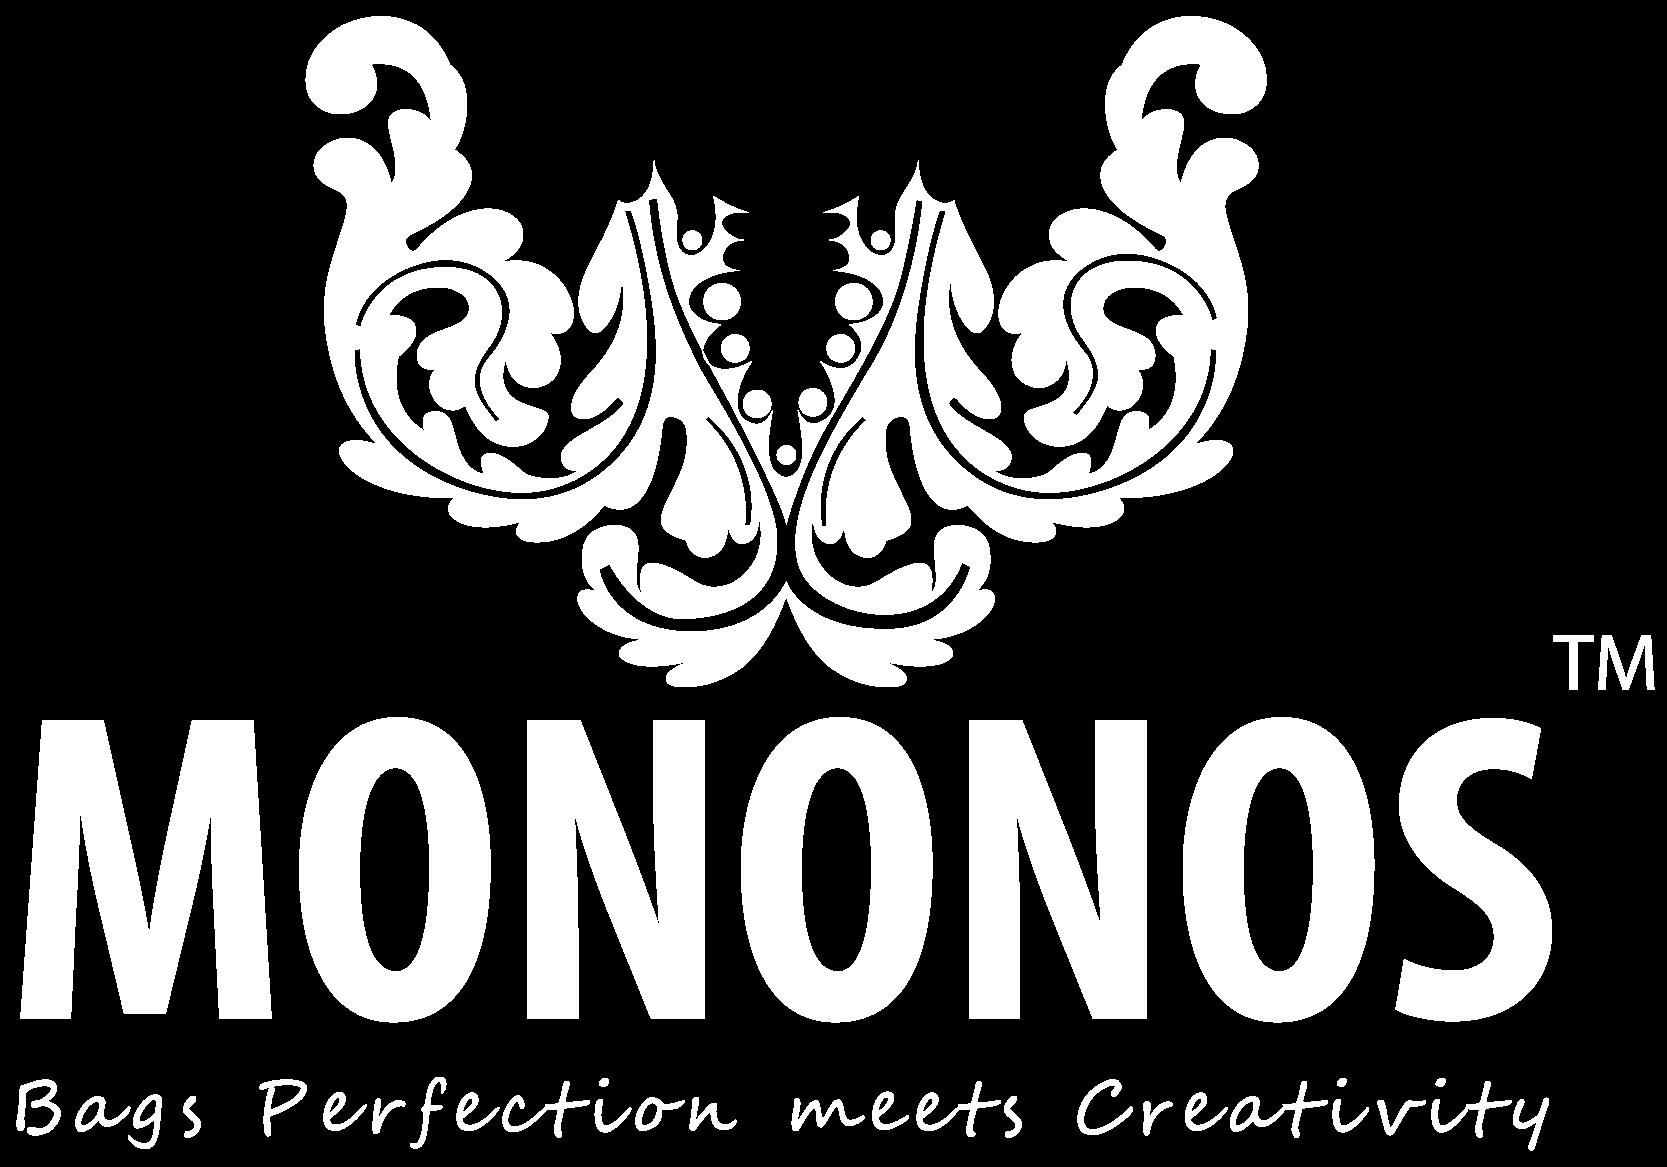 mononos logo white